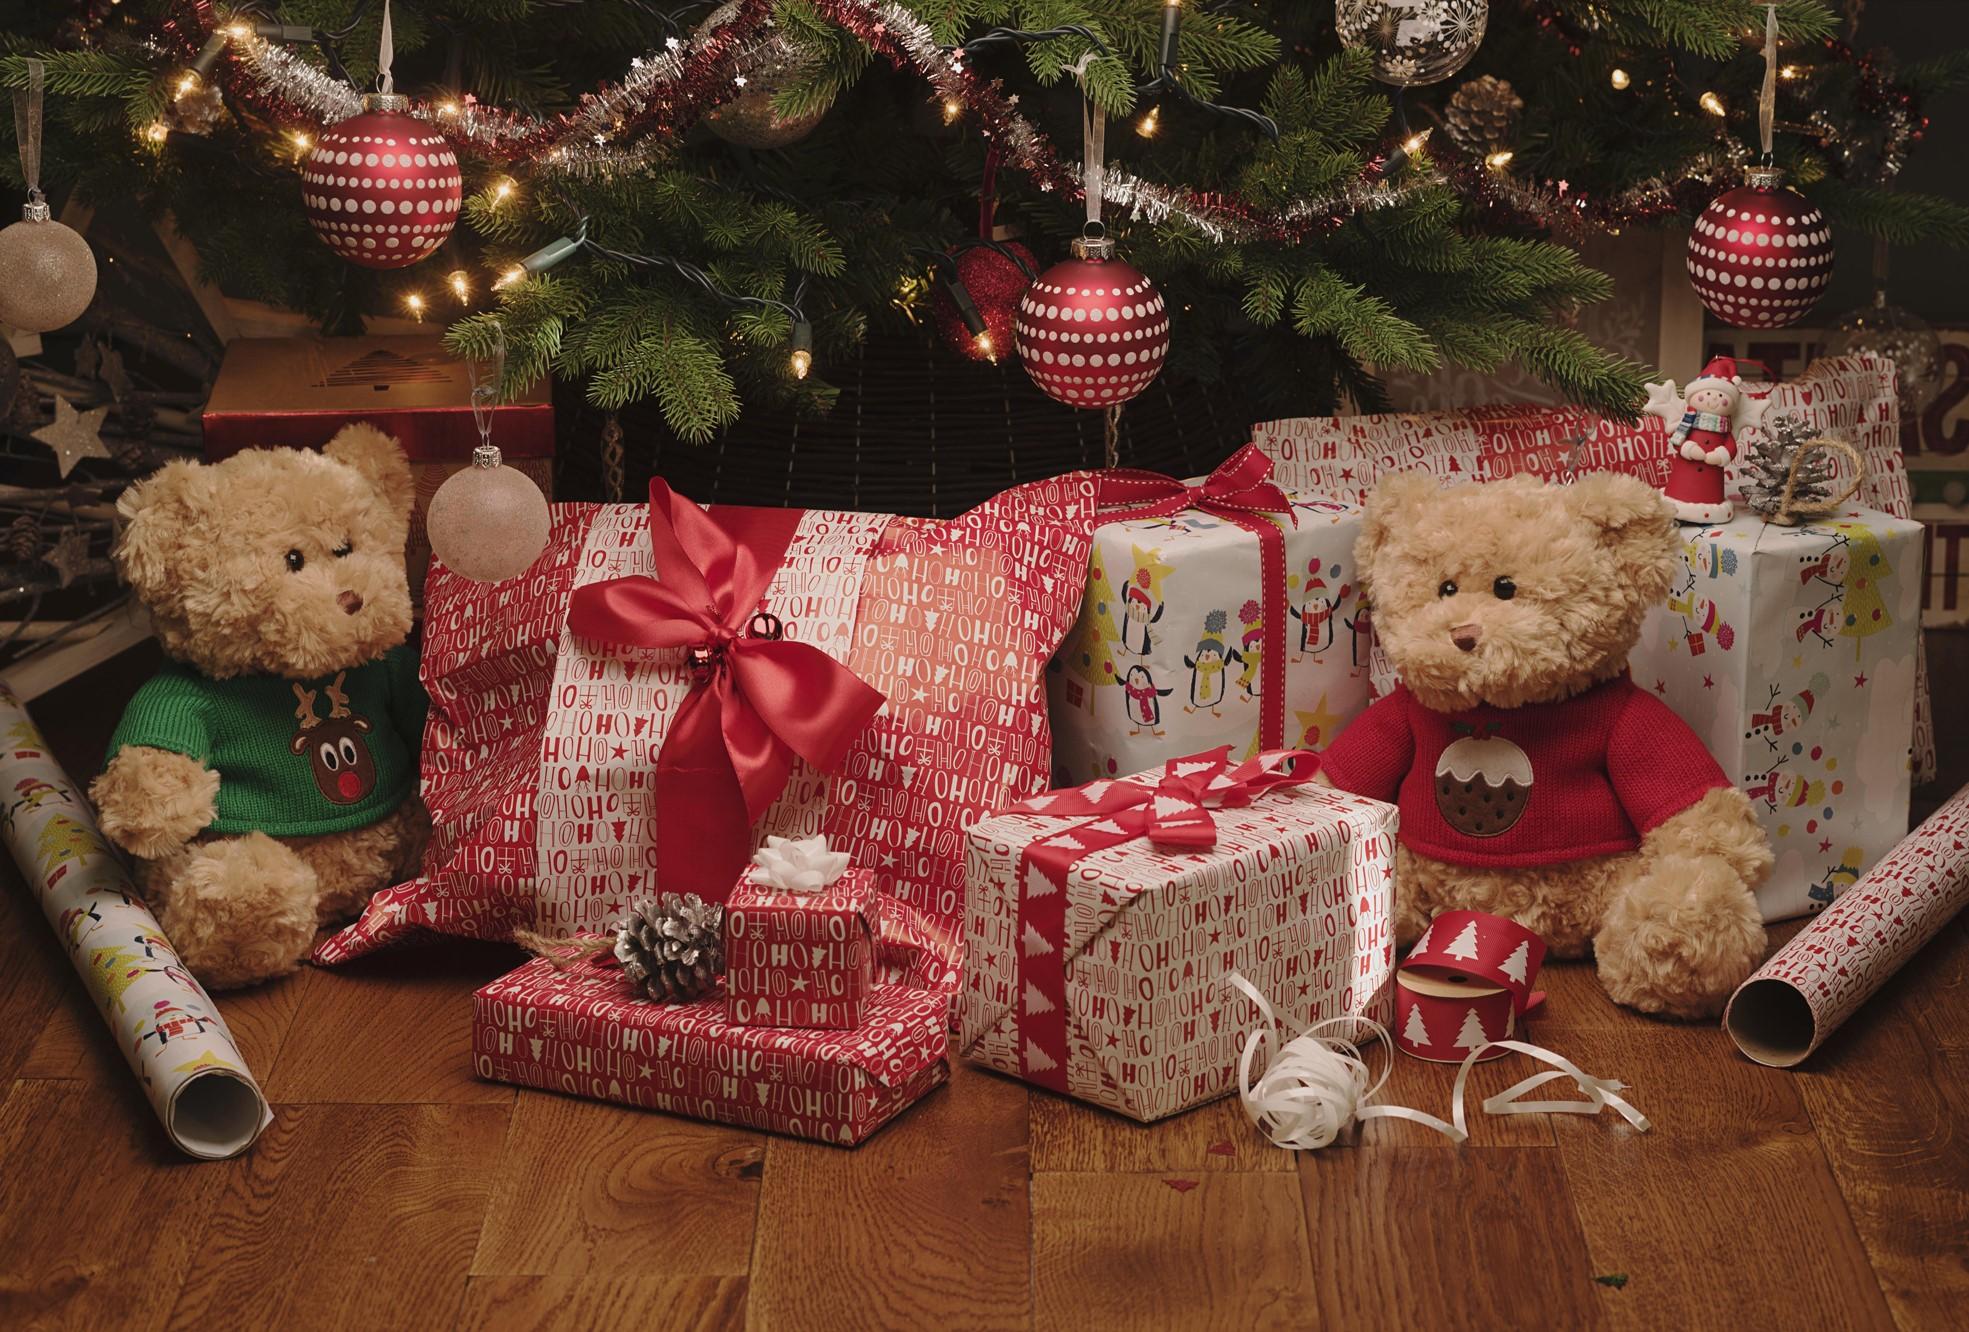 Les cadeaux de Noël joliment emballés créent une atmosphère unique.